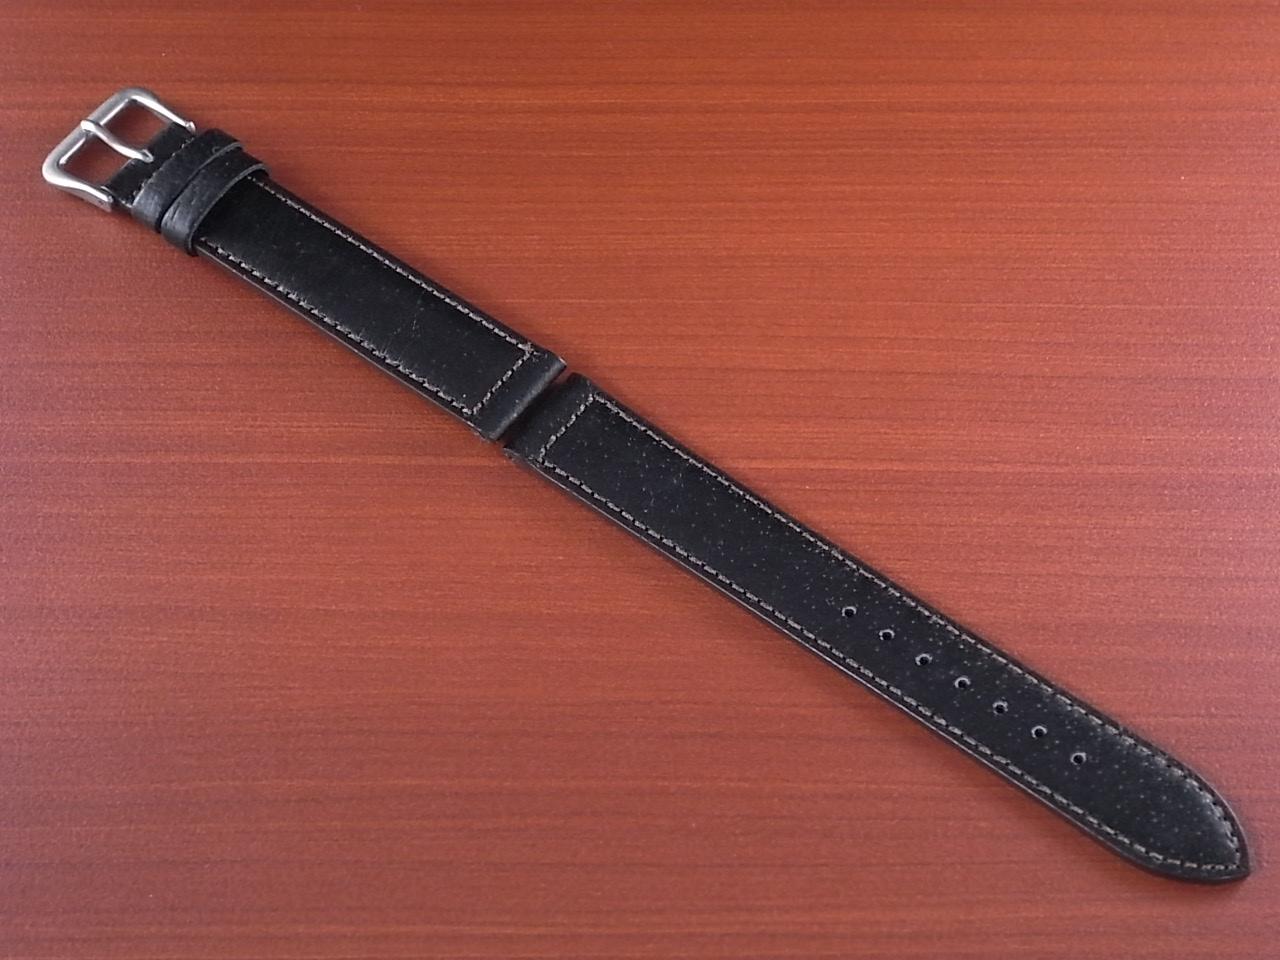 ピッグ革ベルト 黒 14、15、16、17、18、19、20mm CSA-001aのメイン写真